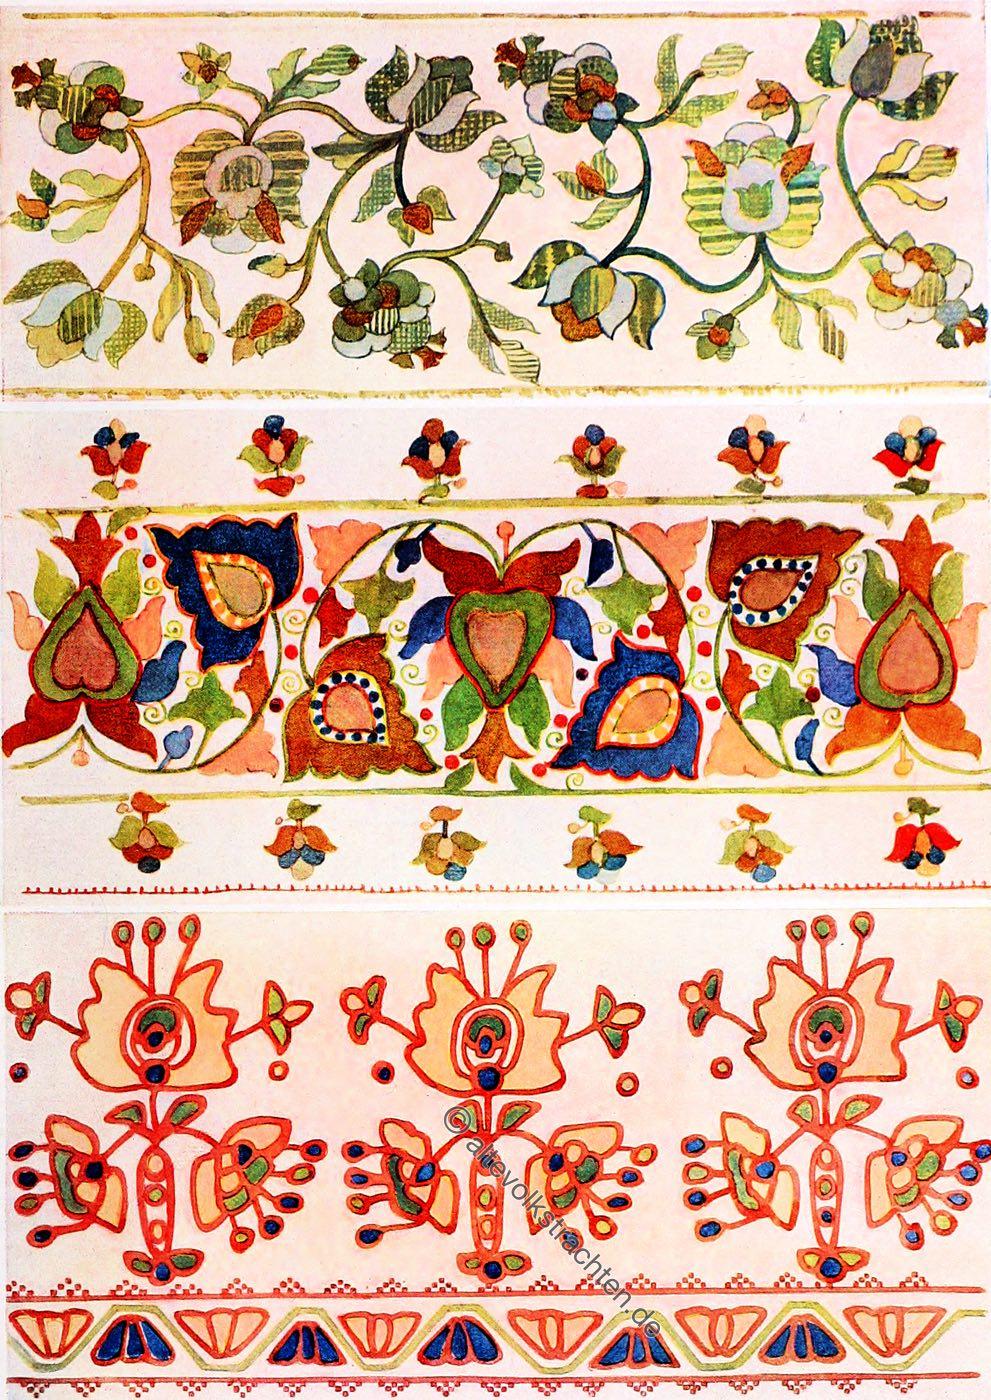 Ukraine, Seidenstickerei, Design, Kostümgeschichte, Bauernkunst, Volkskunst, Motiv